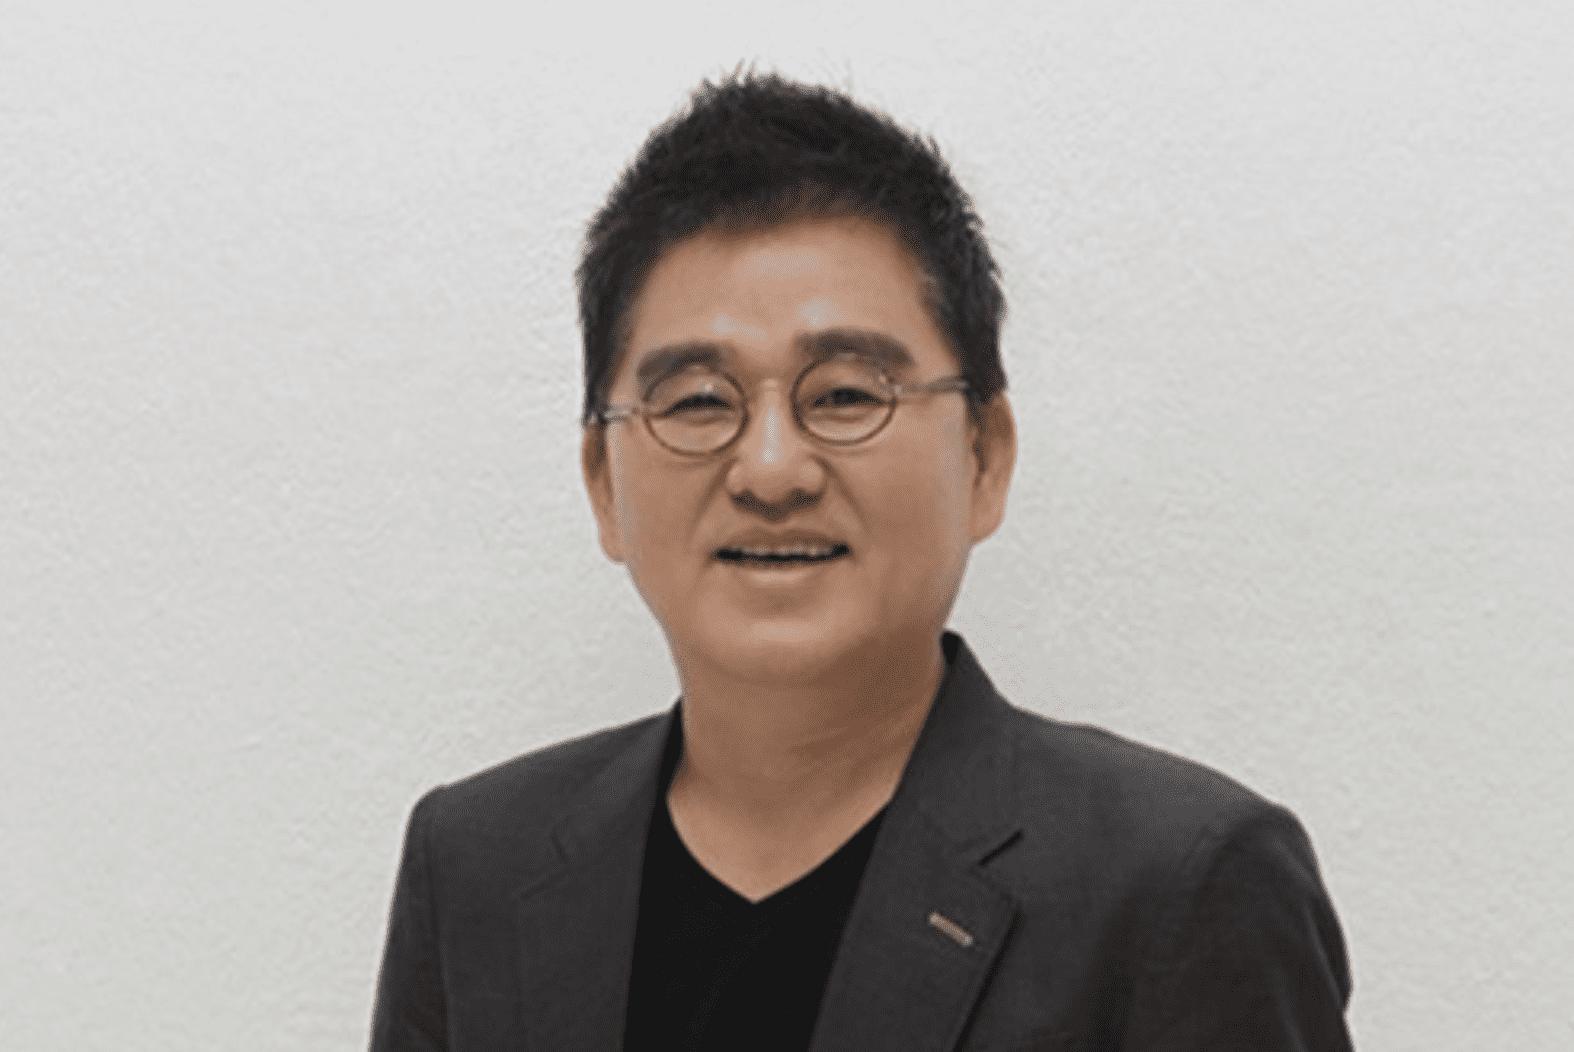 El CEO de Cube Entertainment publica un mensaje sincero sobre su enfermedad y amor por sus artistas